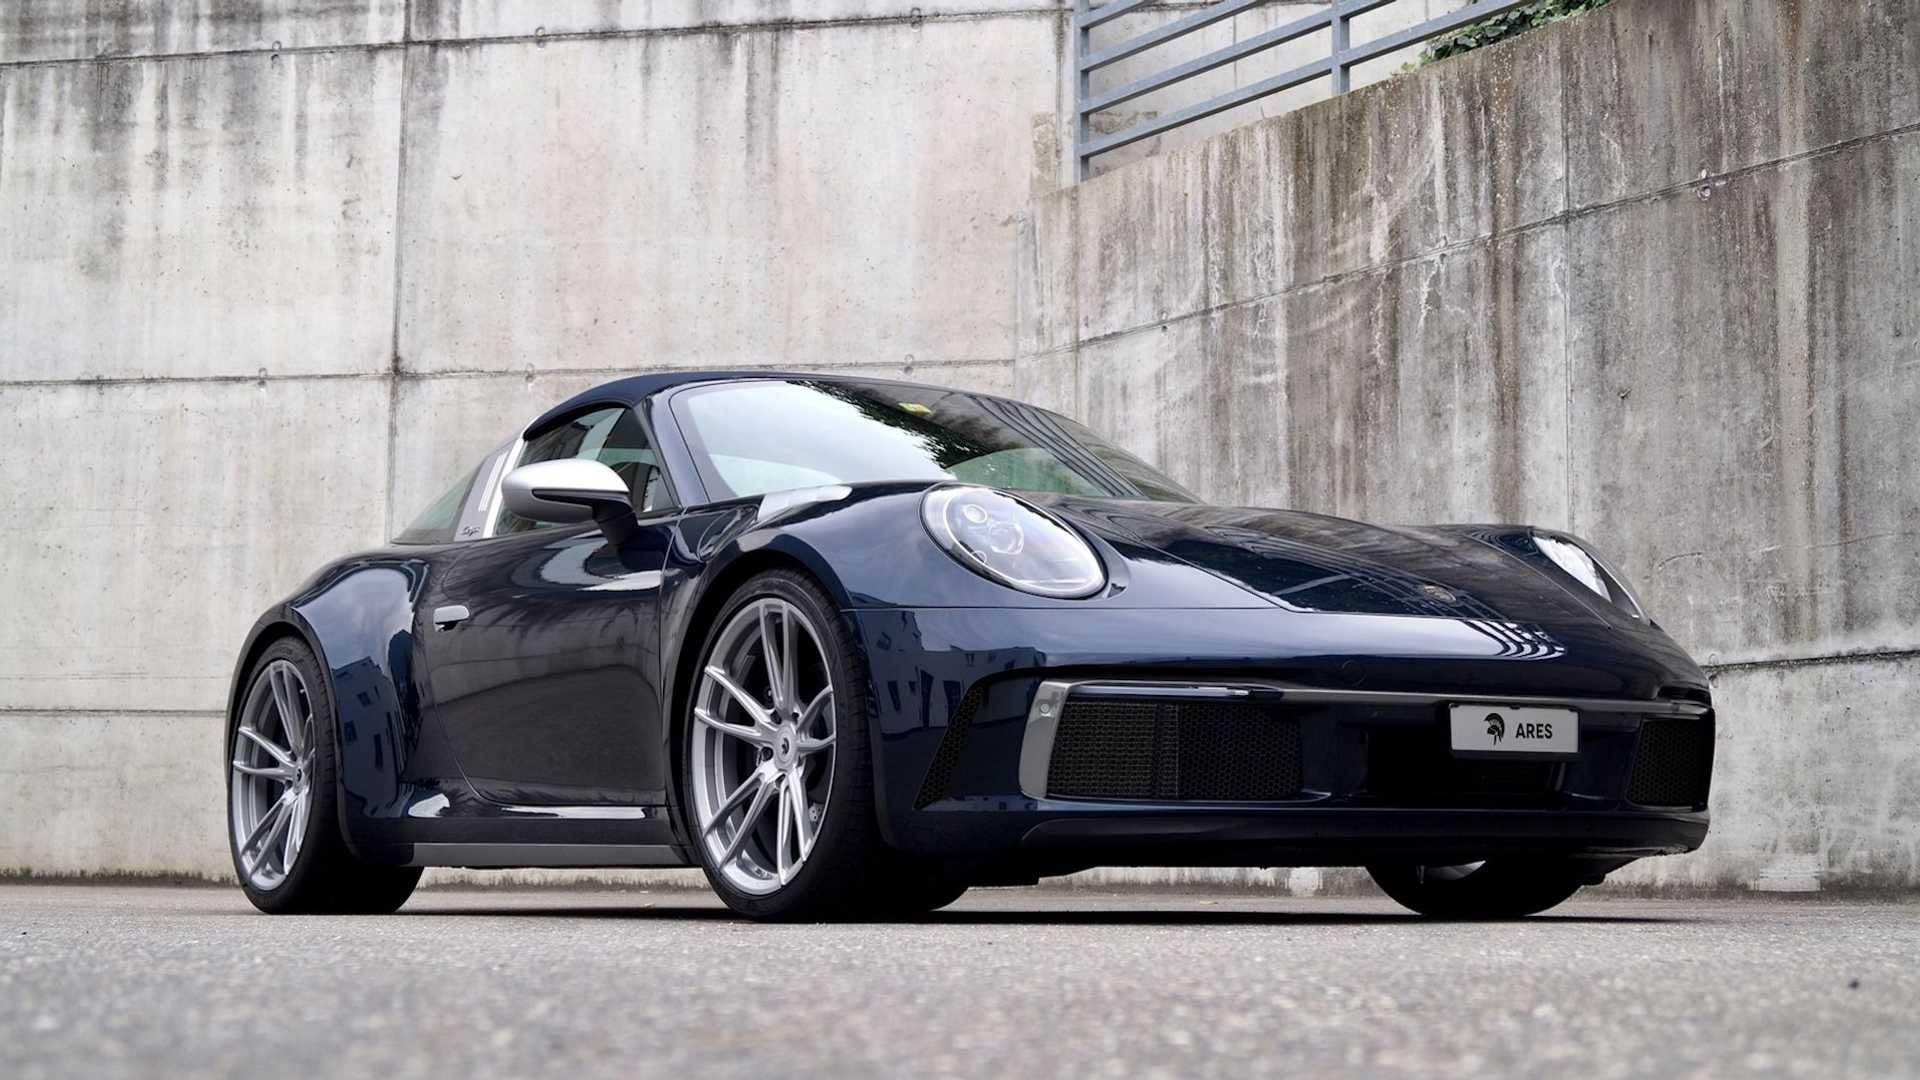 Porsche-911-Targa-by-Ares-Design-1